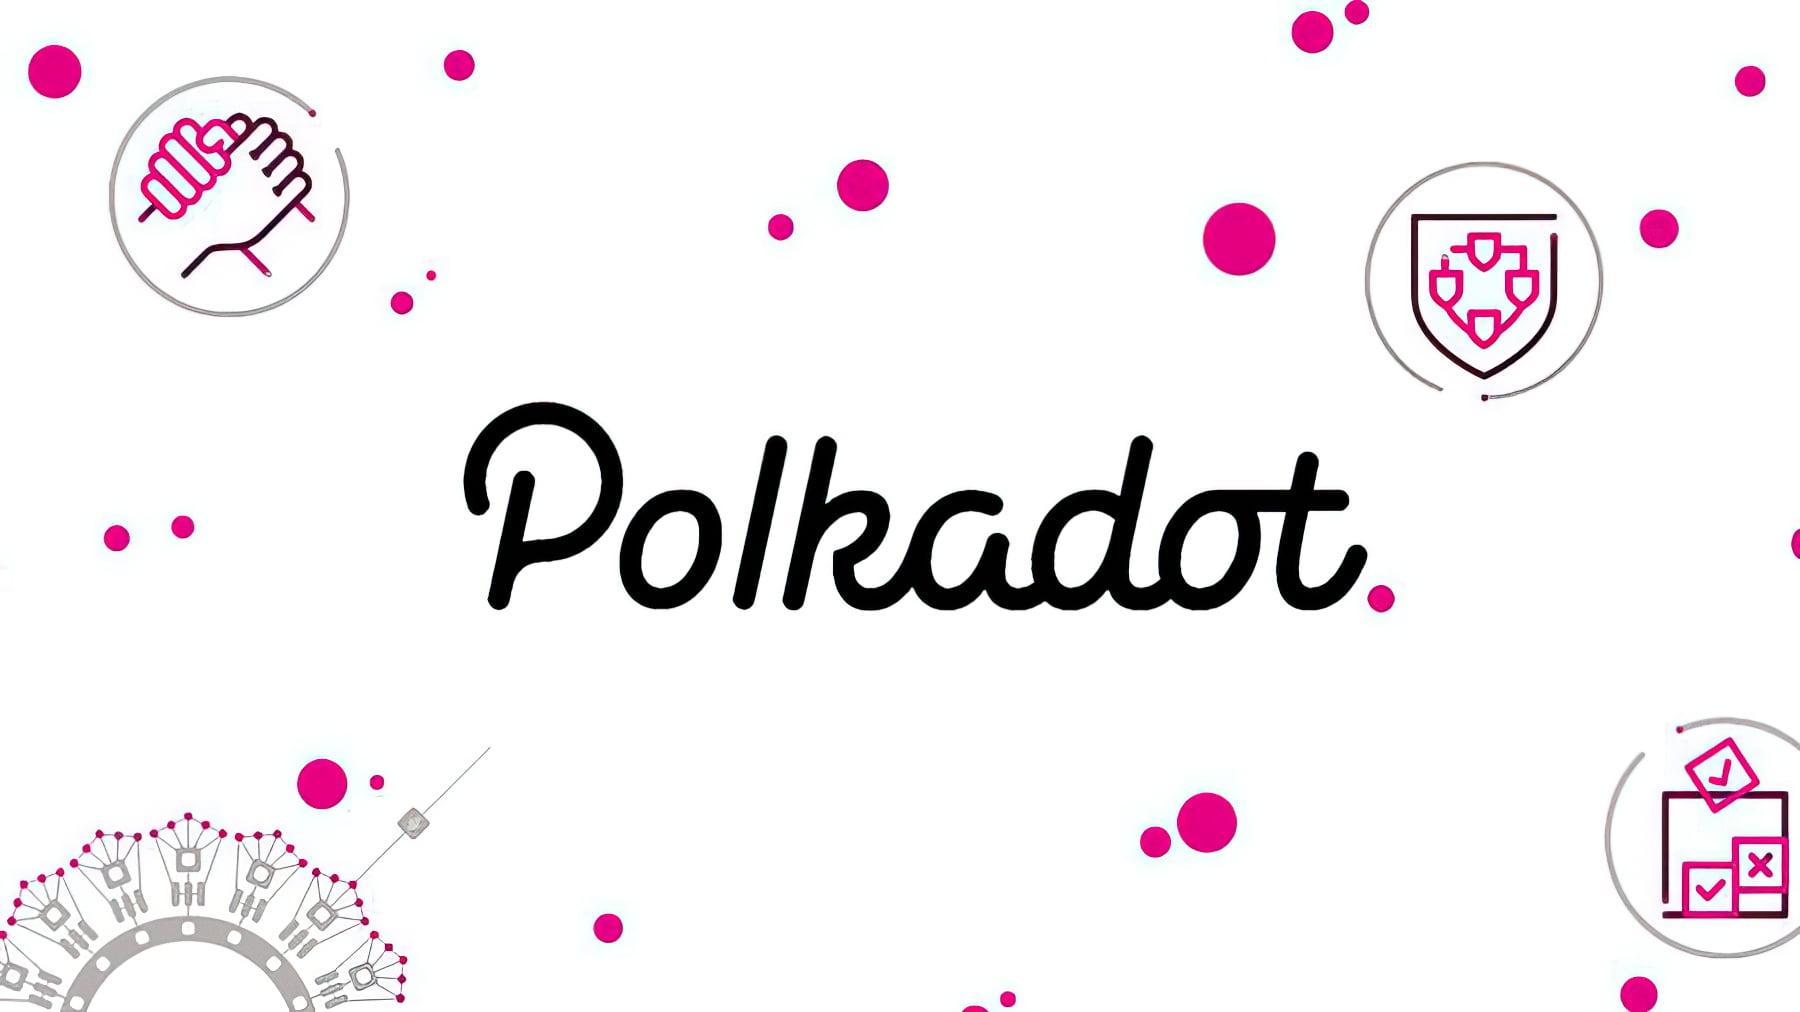 Наиболее популярным блокчейном для стекинга стал Polkadot